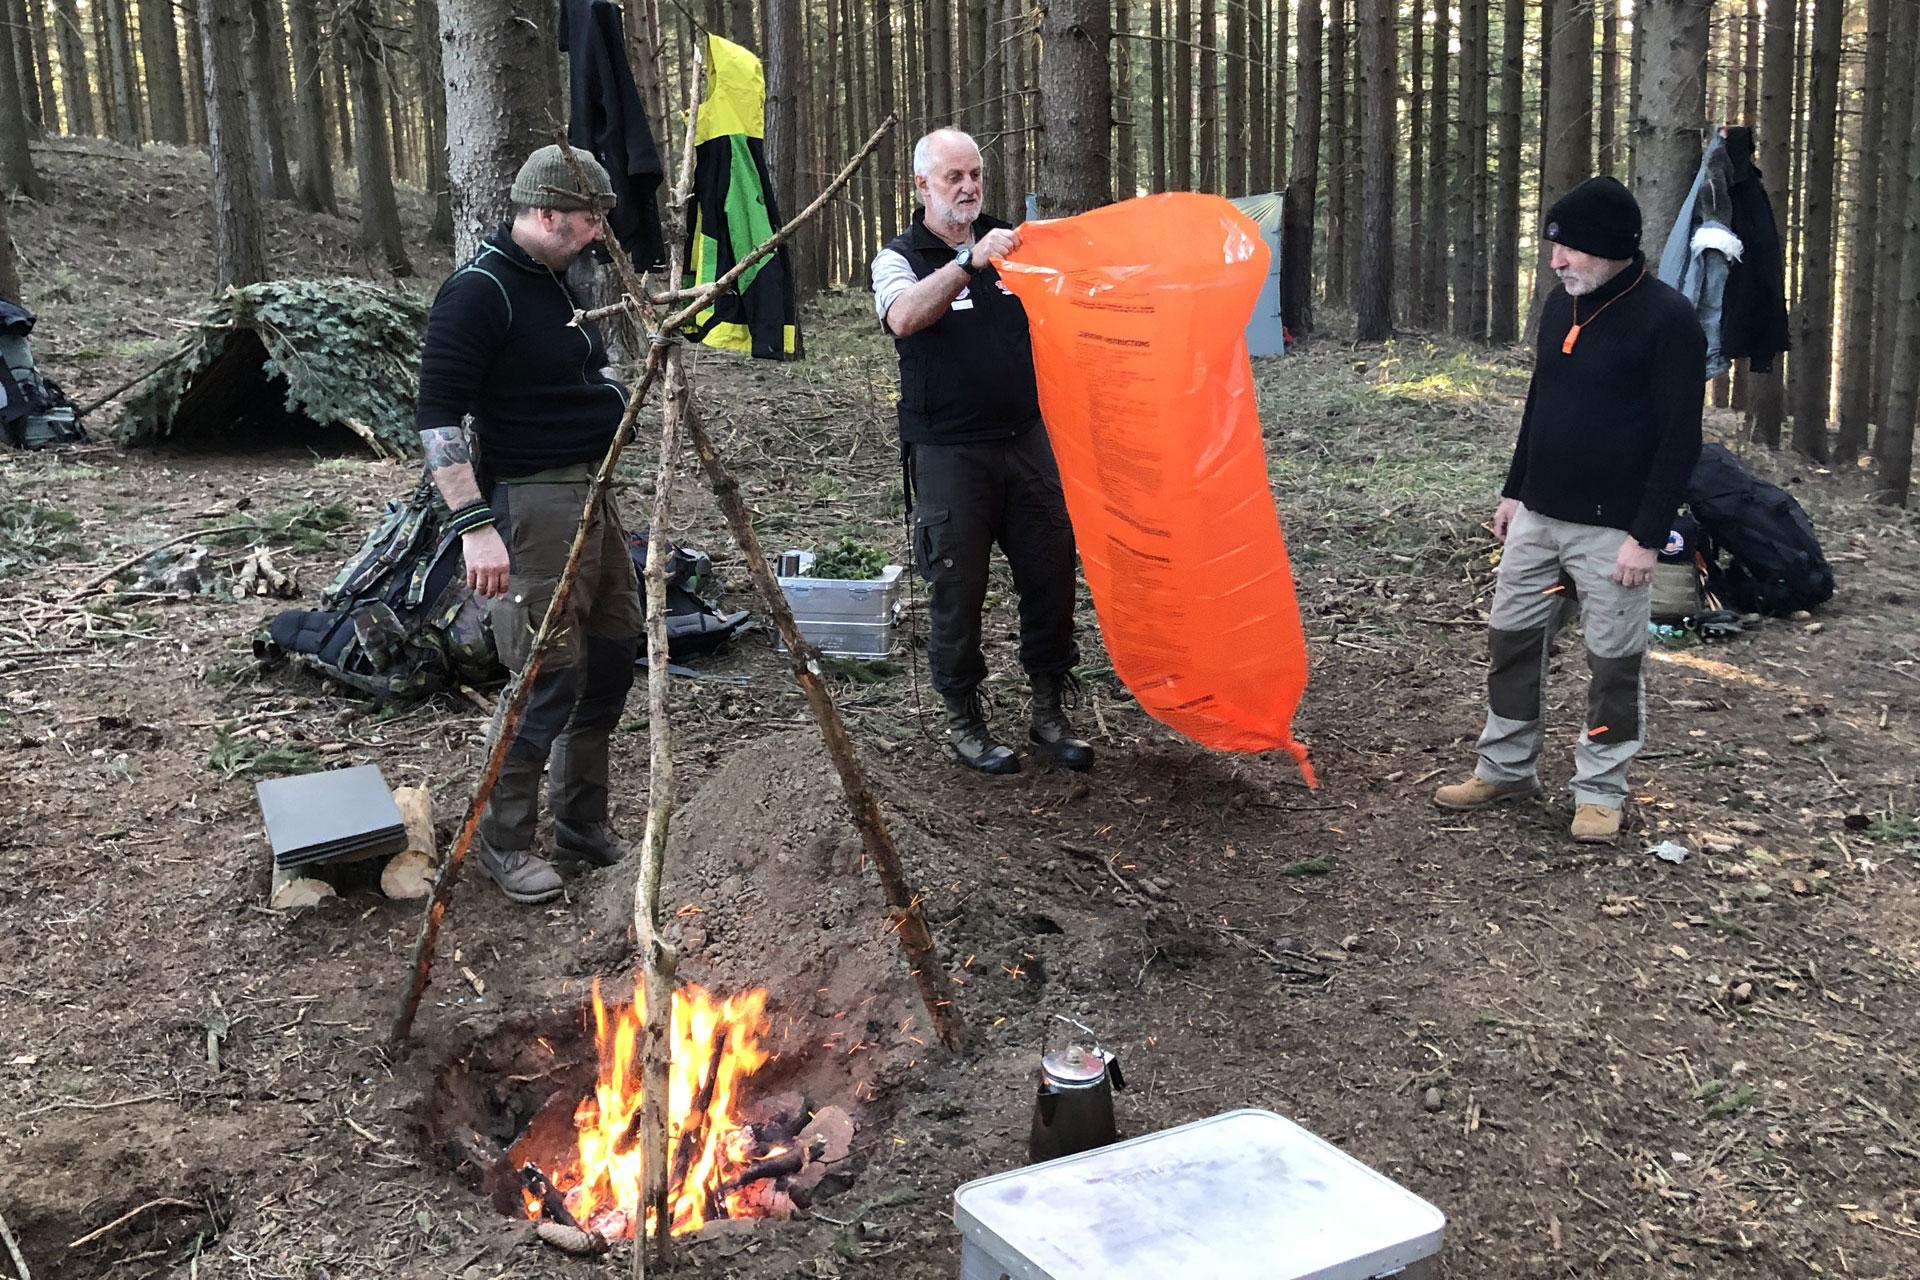 Überlebenstechniken - ein Wochenende in der Wachau 10